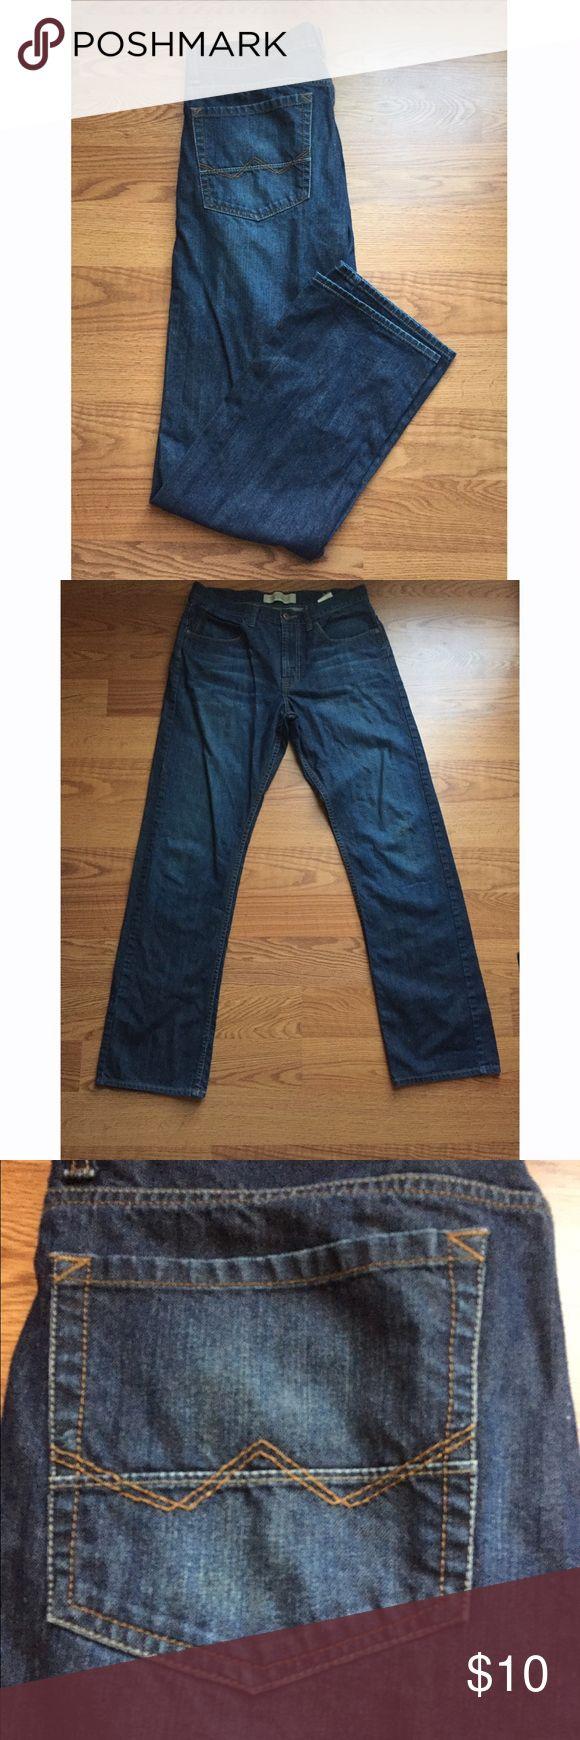 Wrangler Men's slim straight jeans 32X34 slim straight slightly used Wrangler blue jeans! Wrangler Jeans Slim Straight